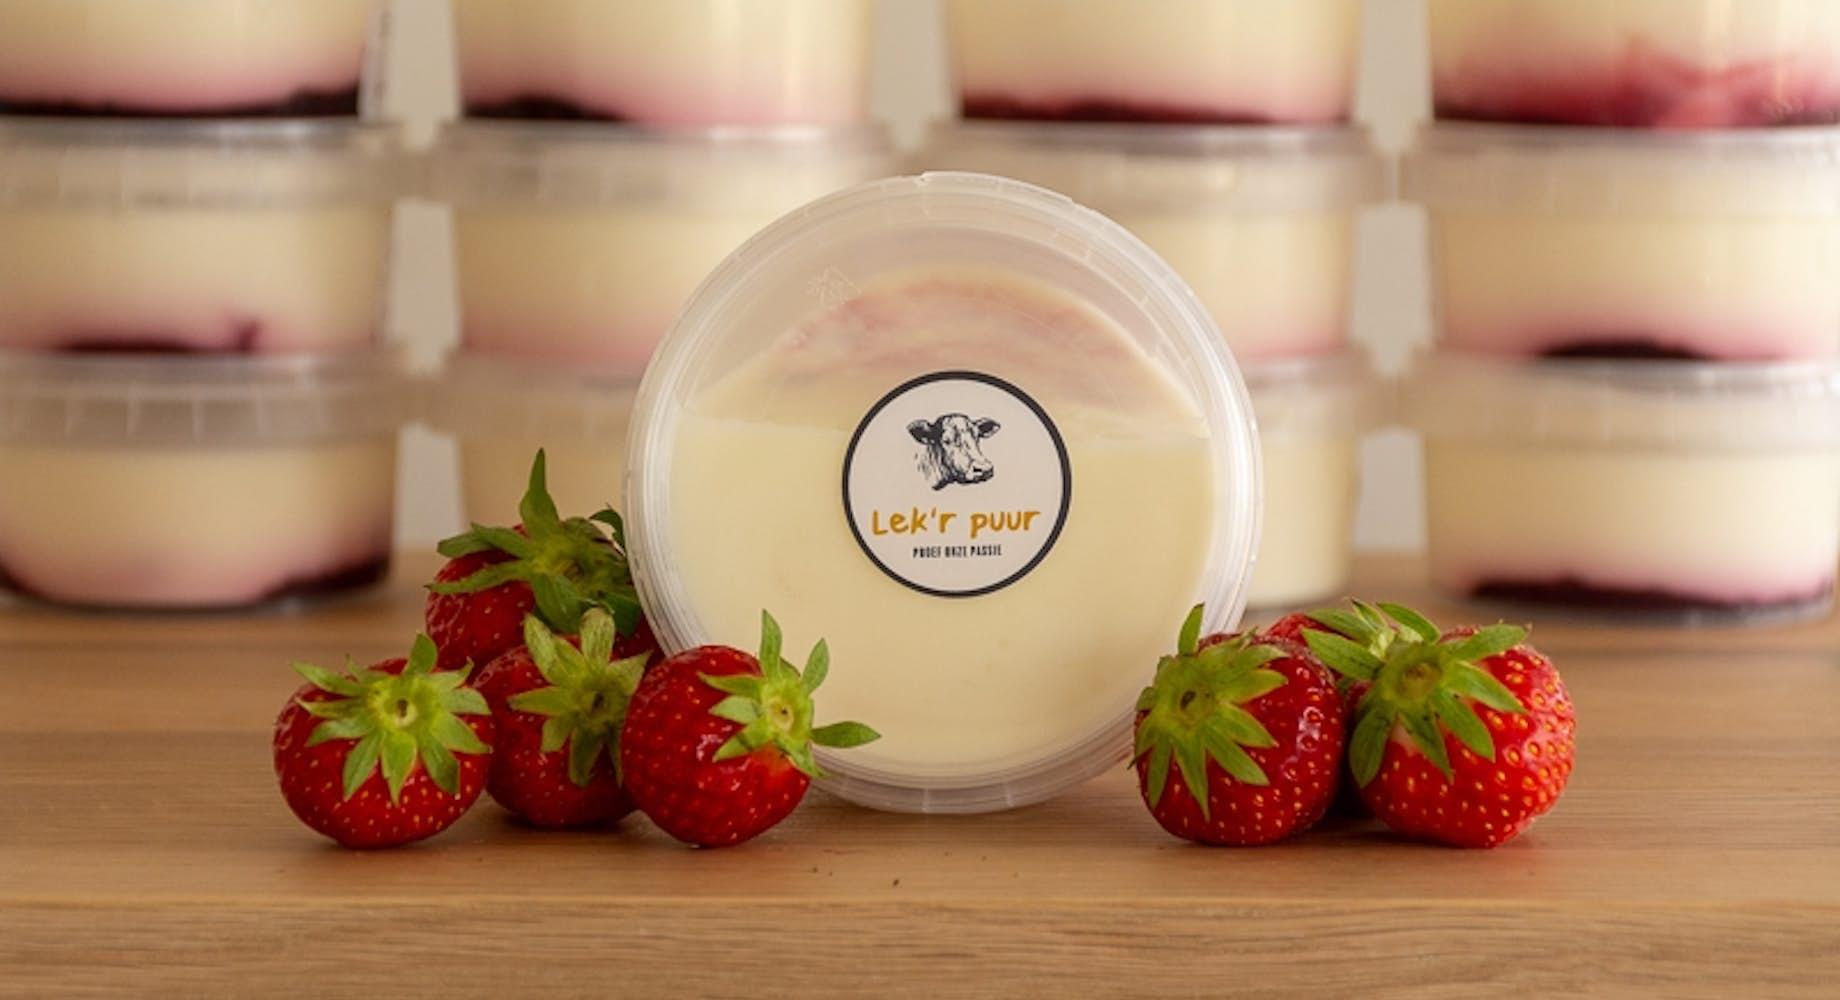 Volle yoghurt met aardbeien